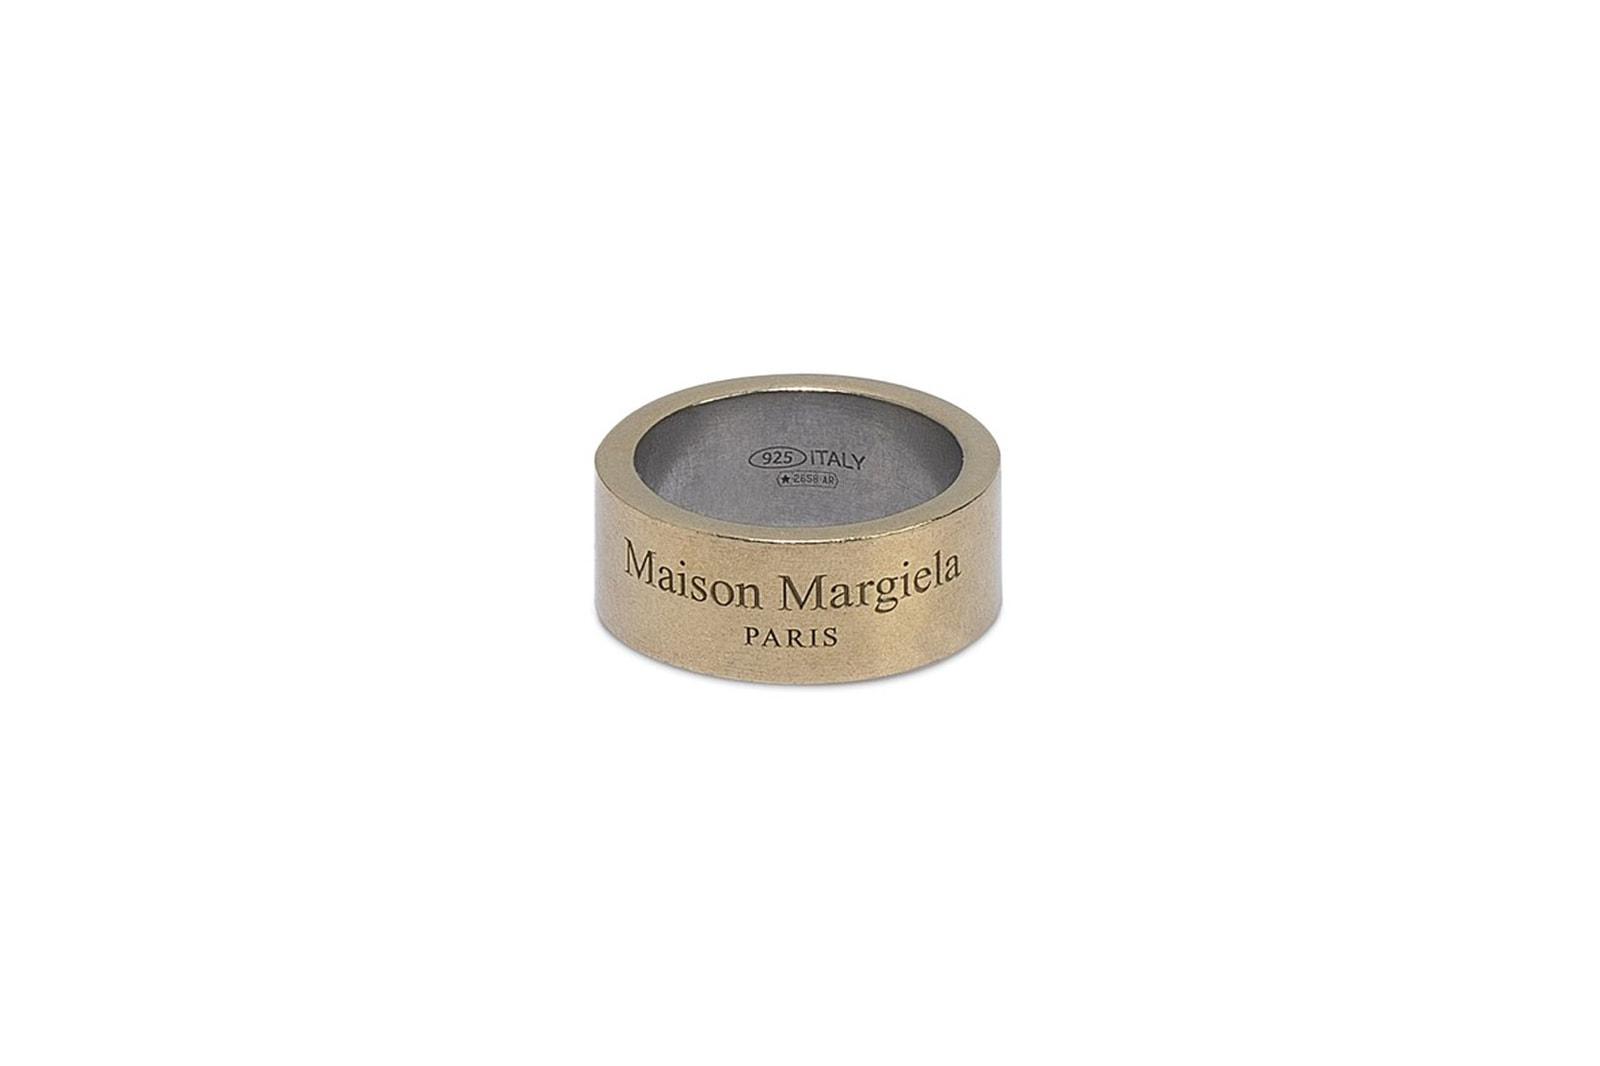 meilleures bagues simples minimalistes marques de bijoux en argent en or conçoit des accessoires en or argent bleu billie jil sander numérotation